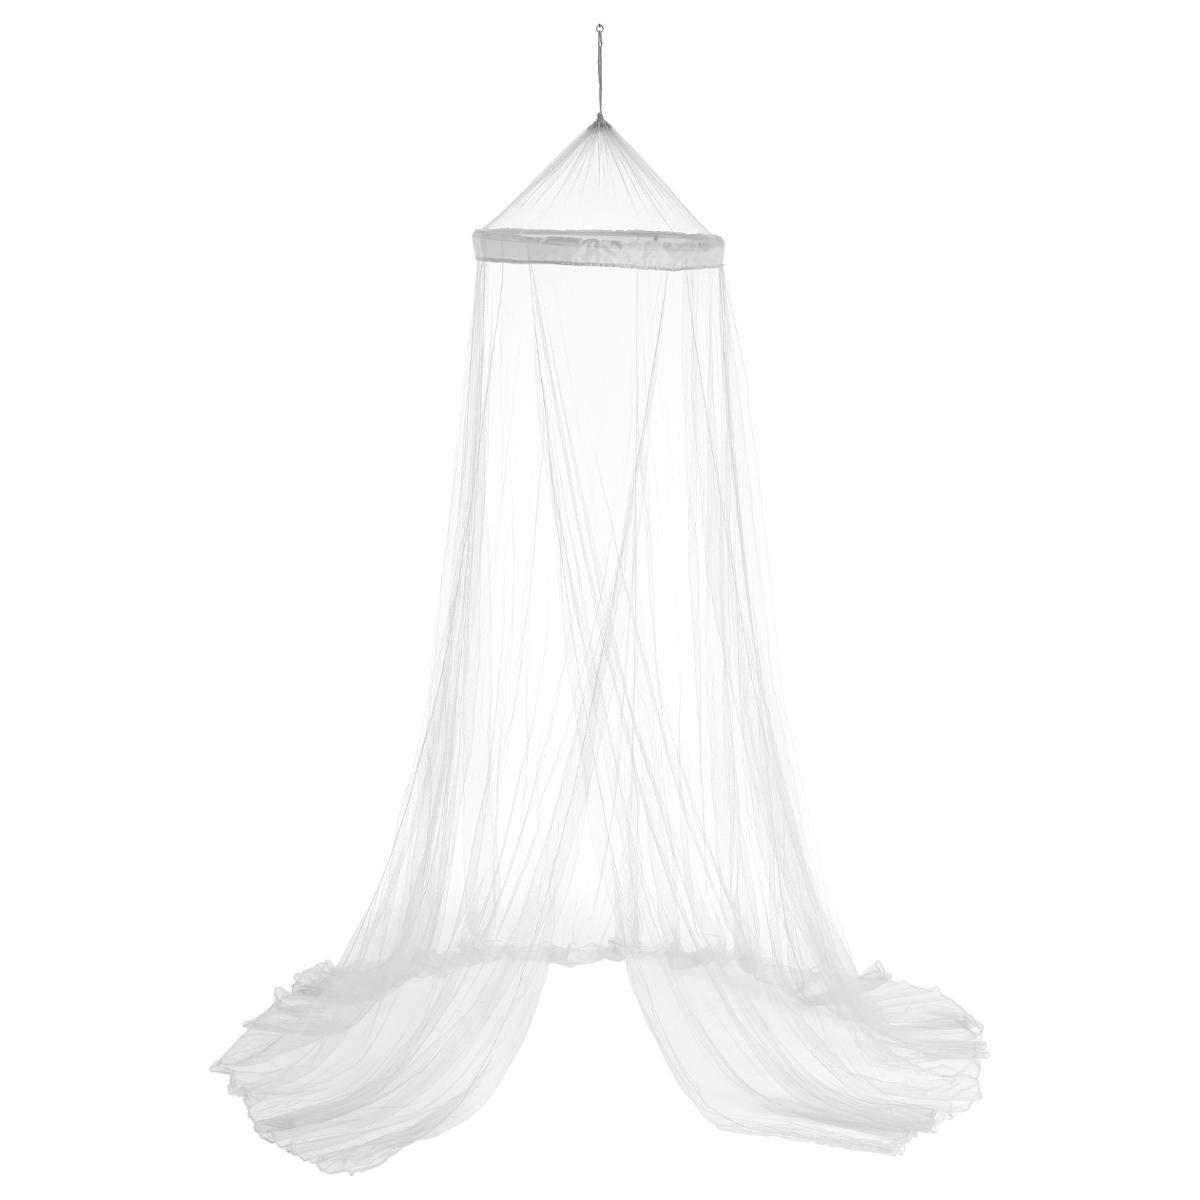 Ciel de lit et moustiquaire - 60 X 250cm - Coloris IVOIRE BLANC ATMOSPHERA